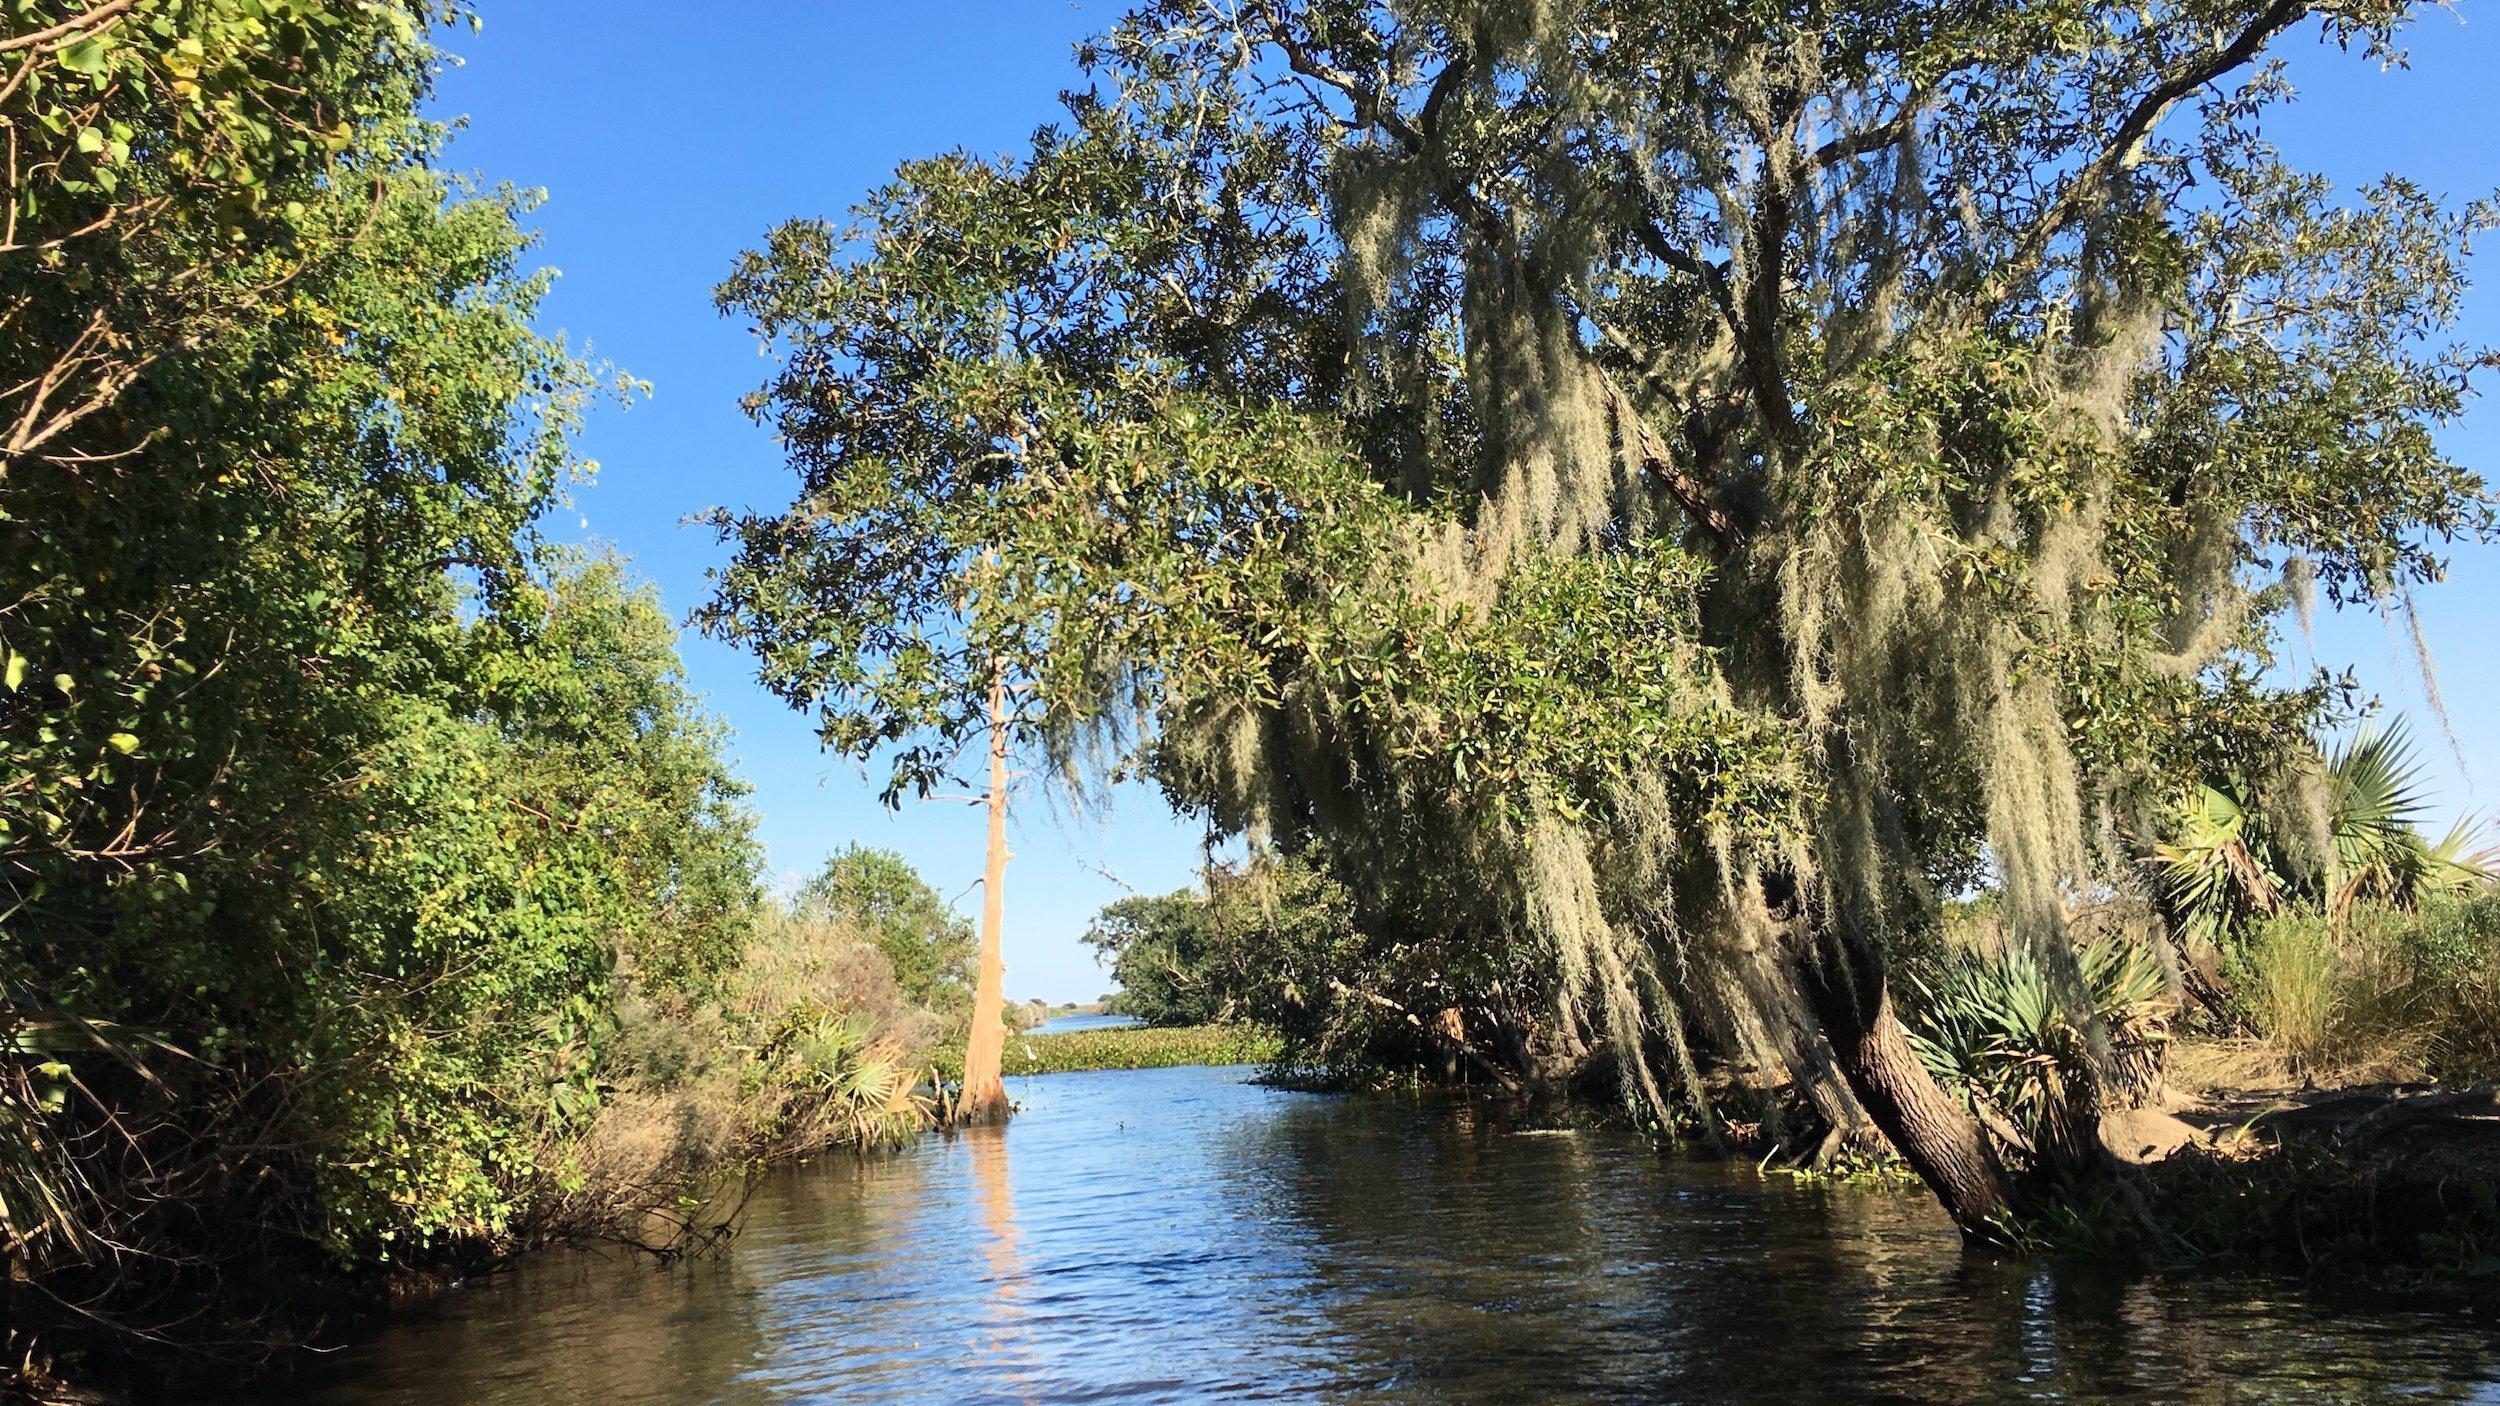 Das Bild stellt einen Abschnitt des Mississippi-Flusses dar. Im Zentrum Wasser, rechts und links Galeriewälder, die einen tristen Eindruck machen. Das Bild zeigt das Gebiet, in dem die Expeditionsteilnehmer nach Eiern von Alligatoren gesucht haben.